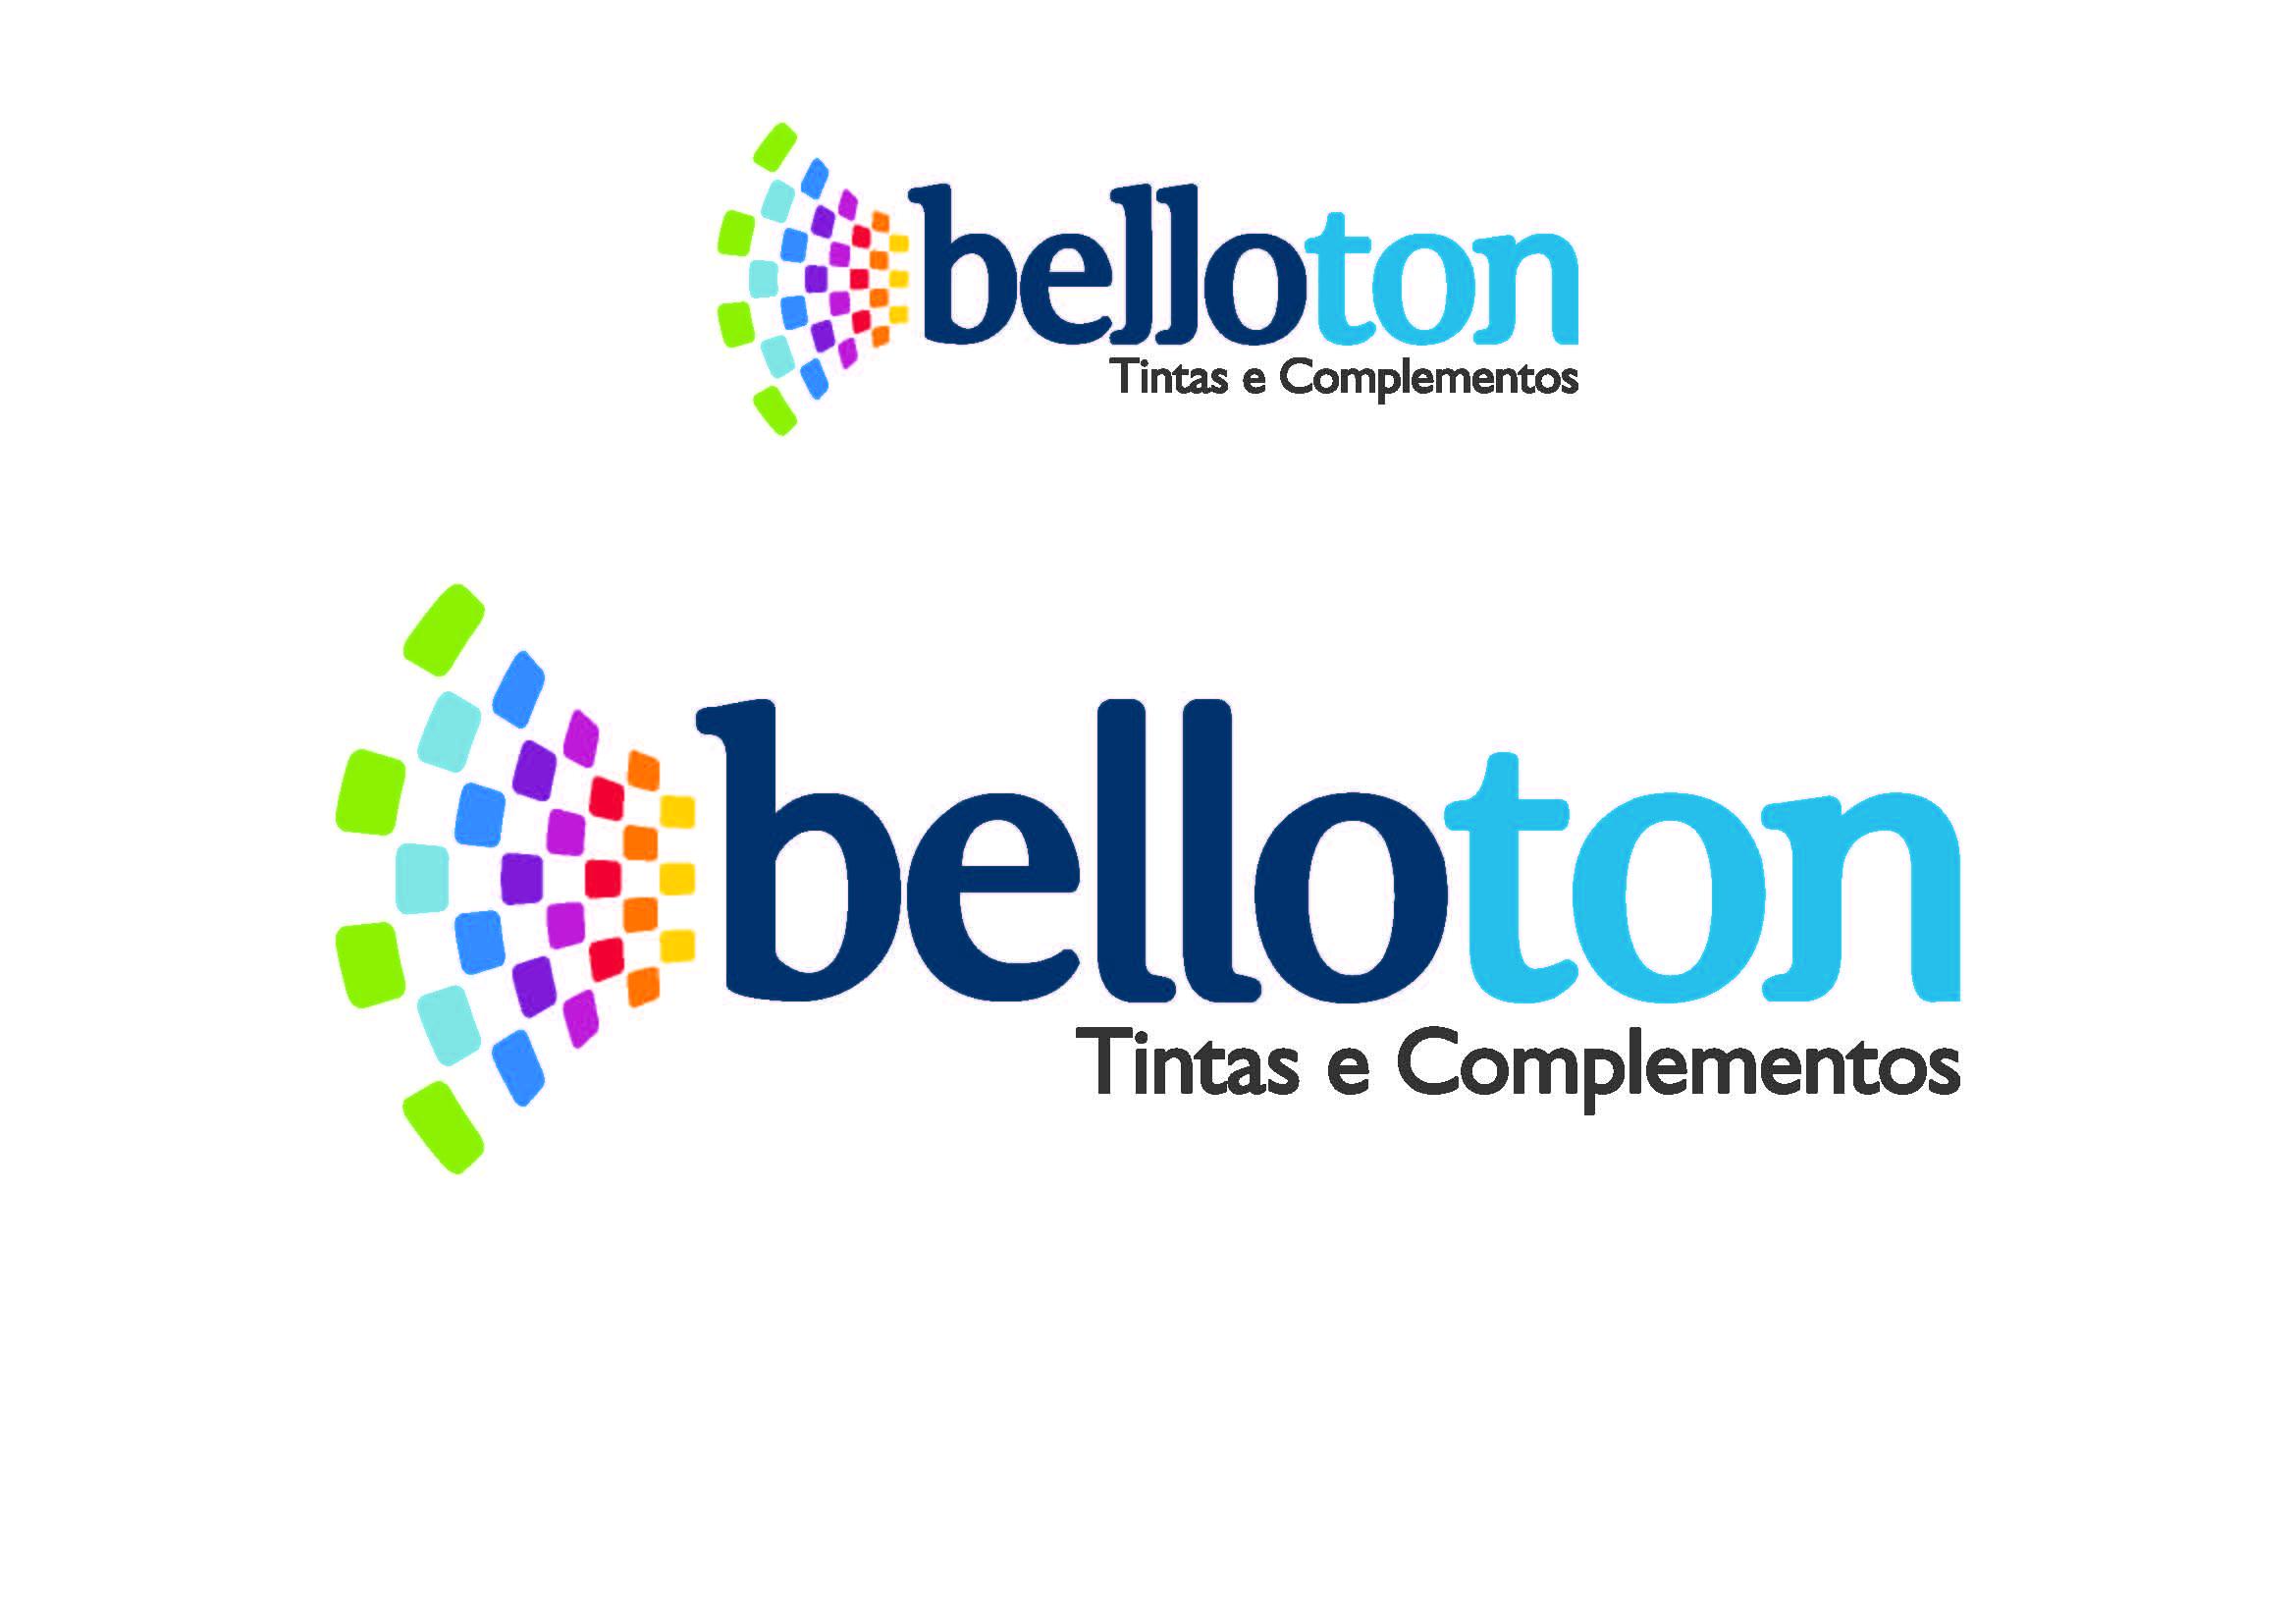 novo_logo_belloton